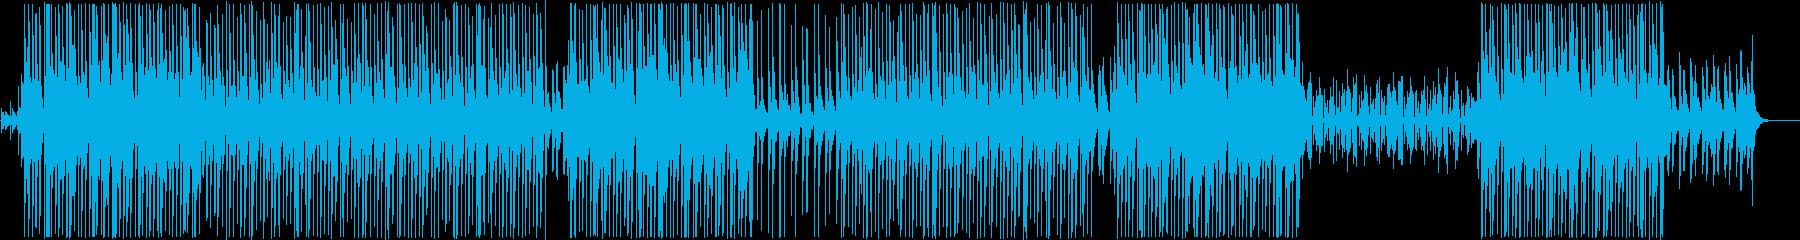 チルアウト、ラテン、切ないR&B、洋楽♪の再生済みの波形